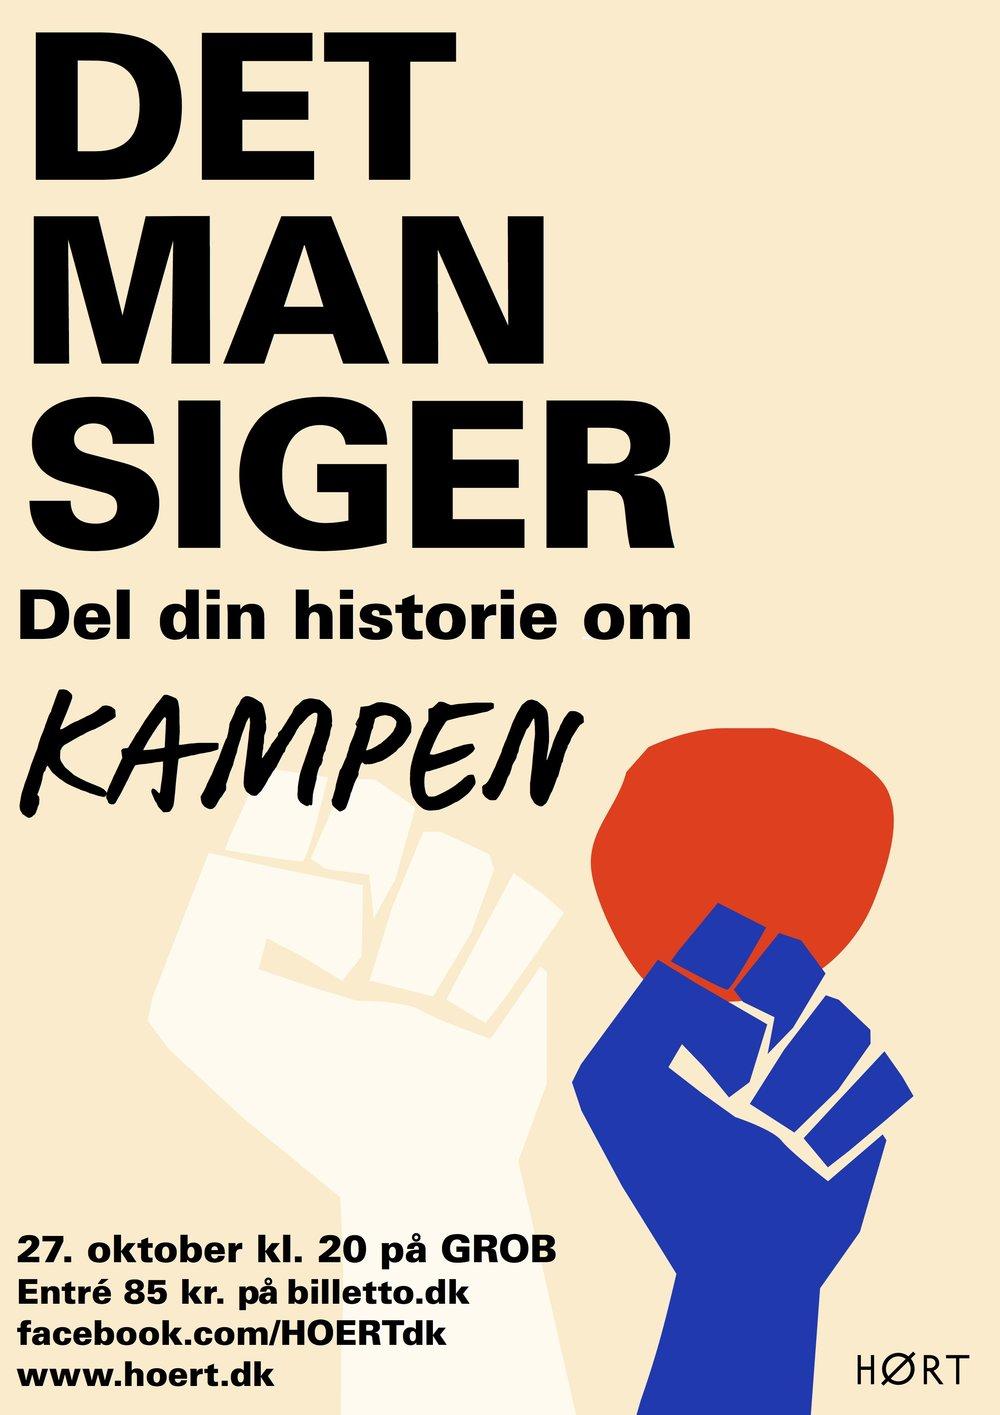 2018.10.22_Poster HØRT_Kampen.jpg